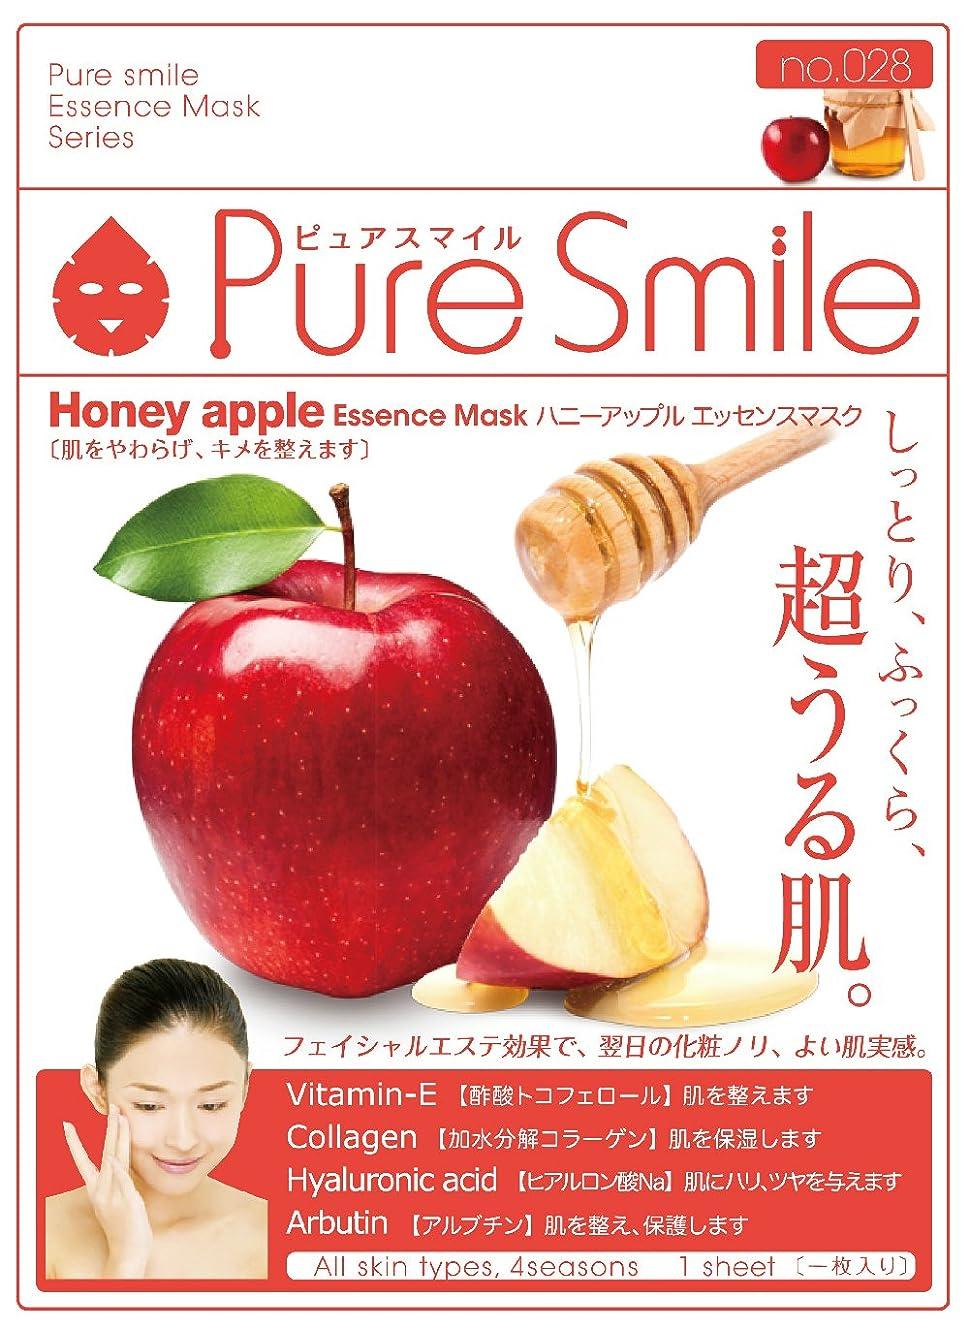 キリスト引き渡すパートナーPure Smile エッセンスマスク ハニーアップル 23ml?30枚